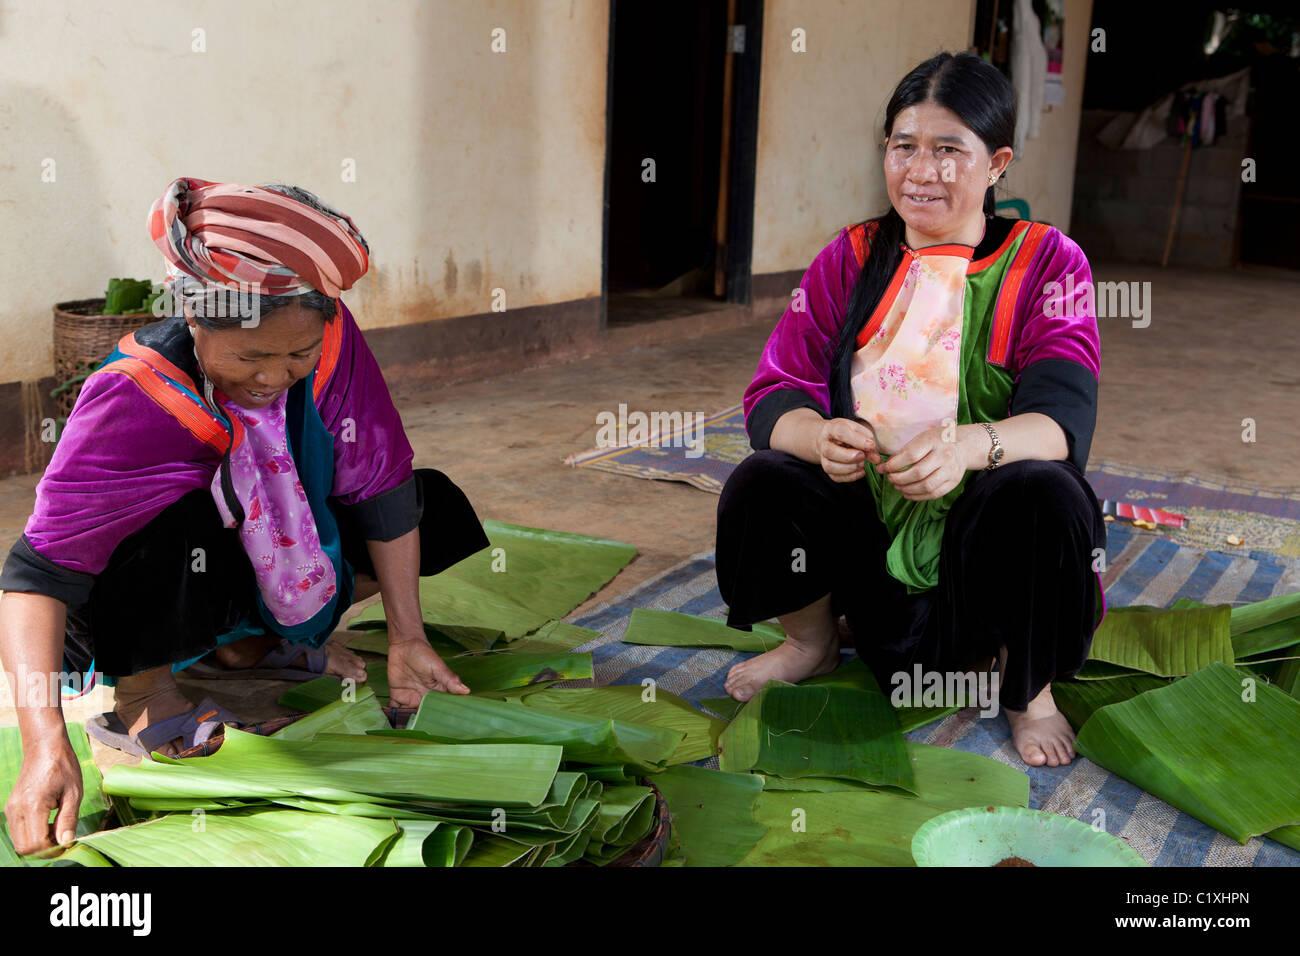 Thailand bergst mme stockfotos thailand bergst mme for Kuchen volker hosbach